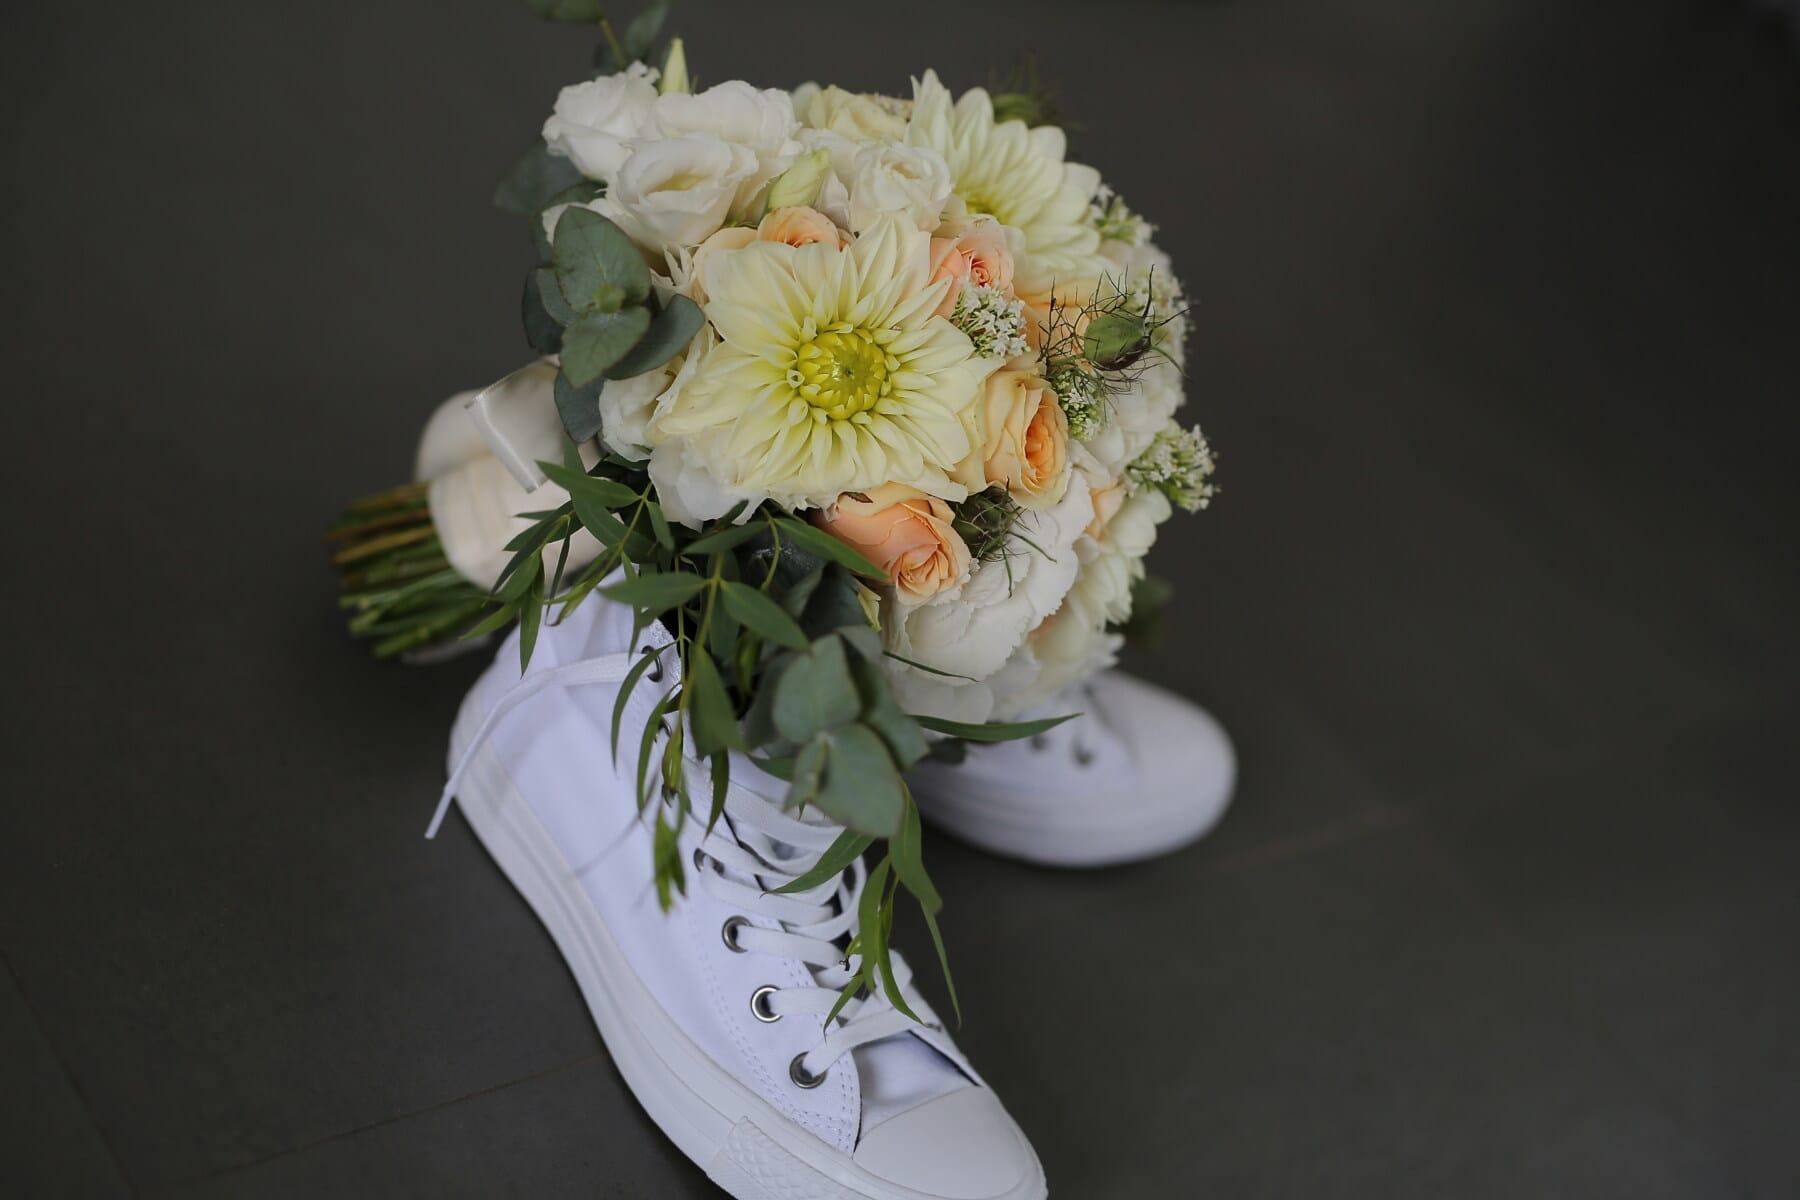 adidaşi, alb, studio fotografic, buchet de nuntă, buchet, flori, trandafir, floare, natura statica, poveste de dragoste